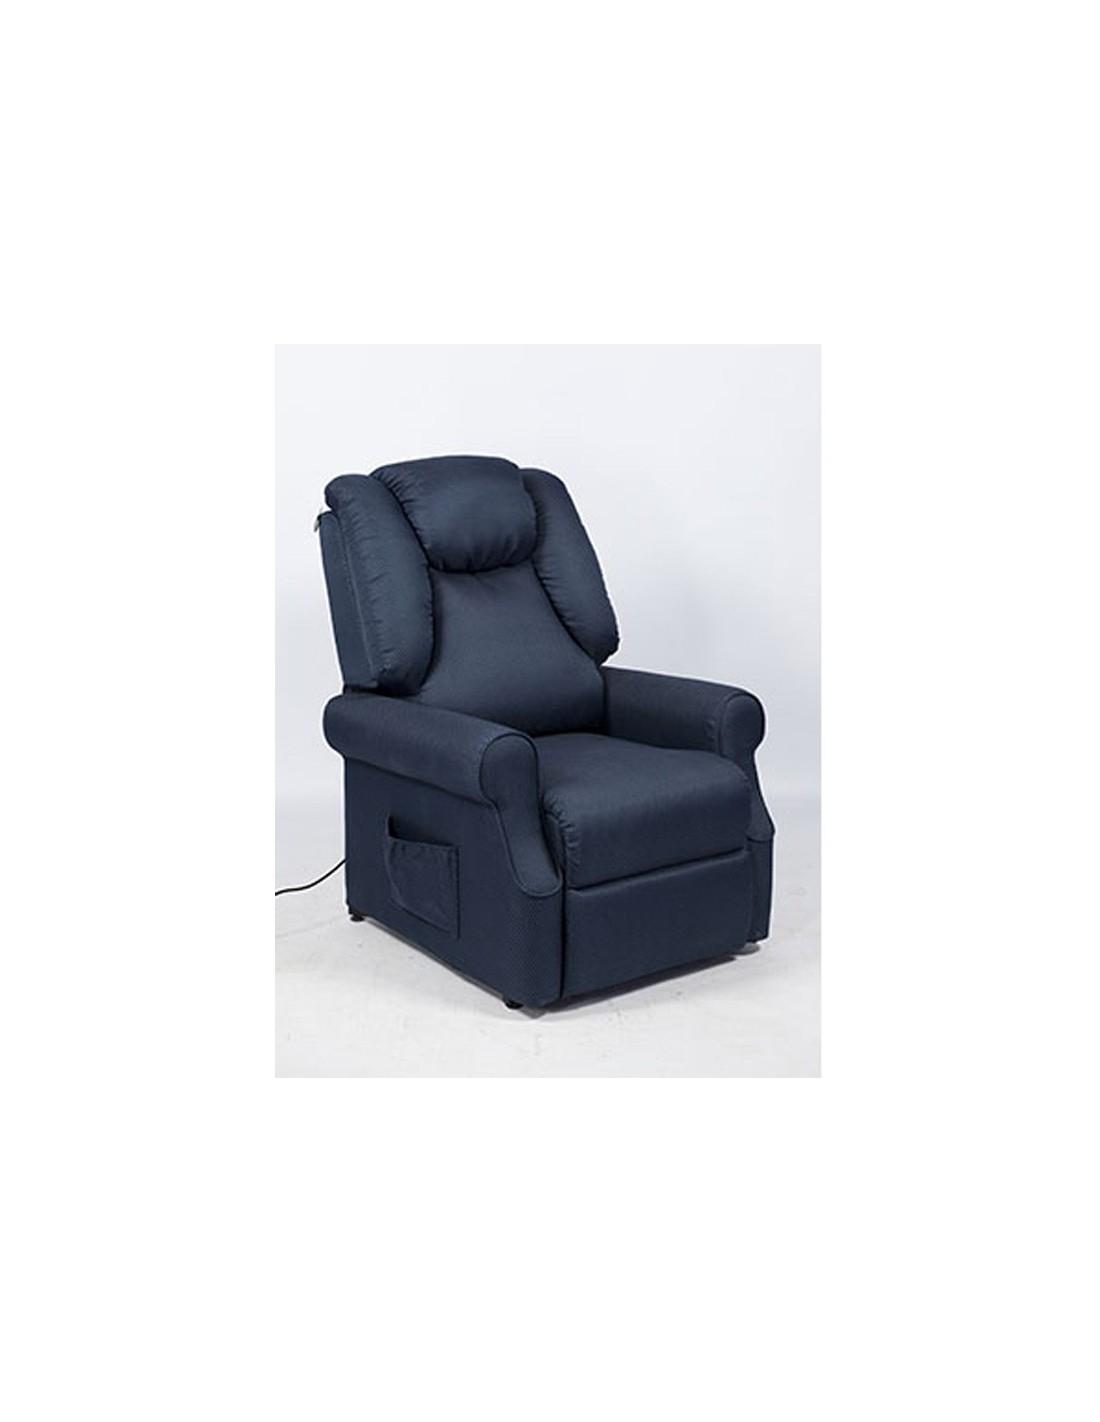 Poltrone Sb Relax.Poltrona Sime 1 Disabili Anziani Alza Persona Motore Offerta